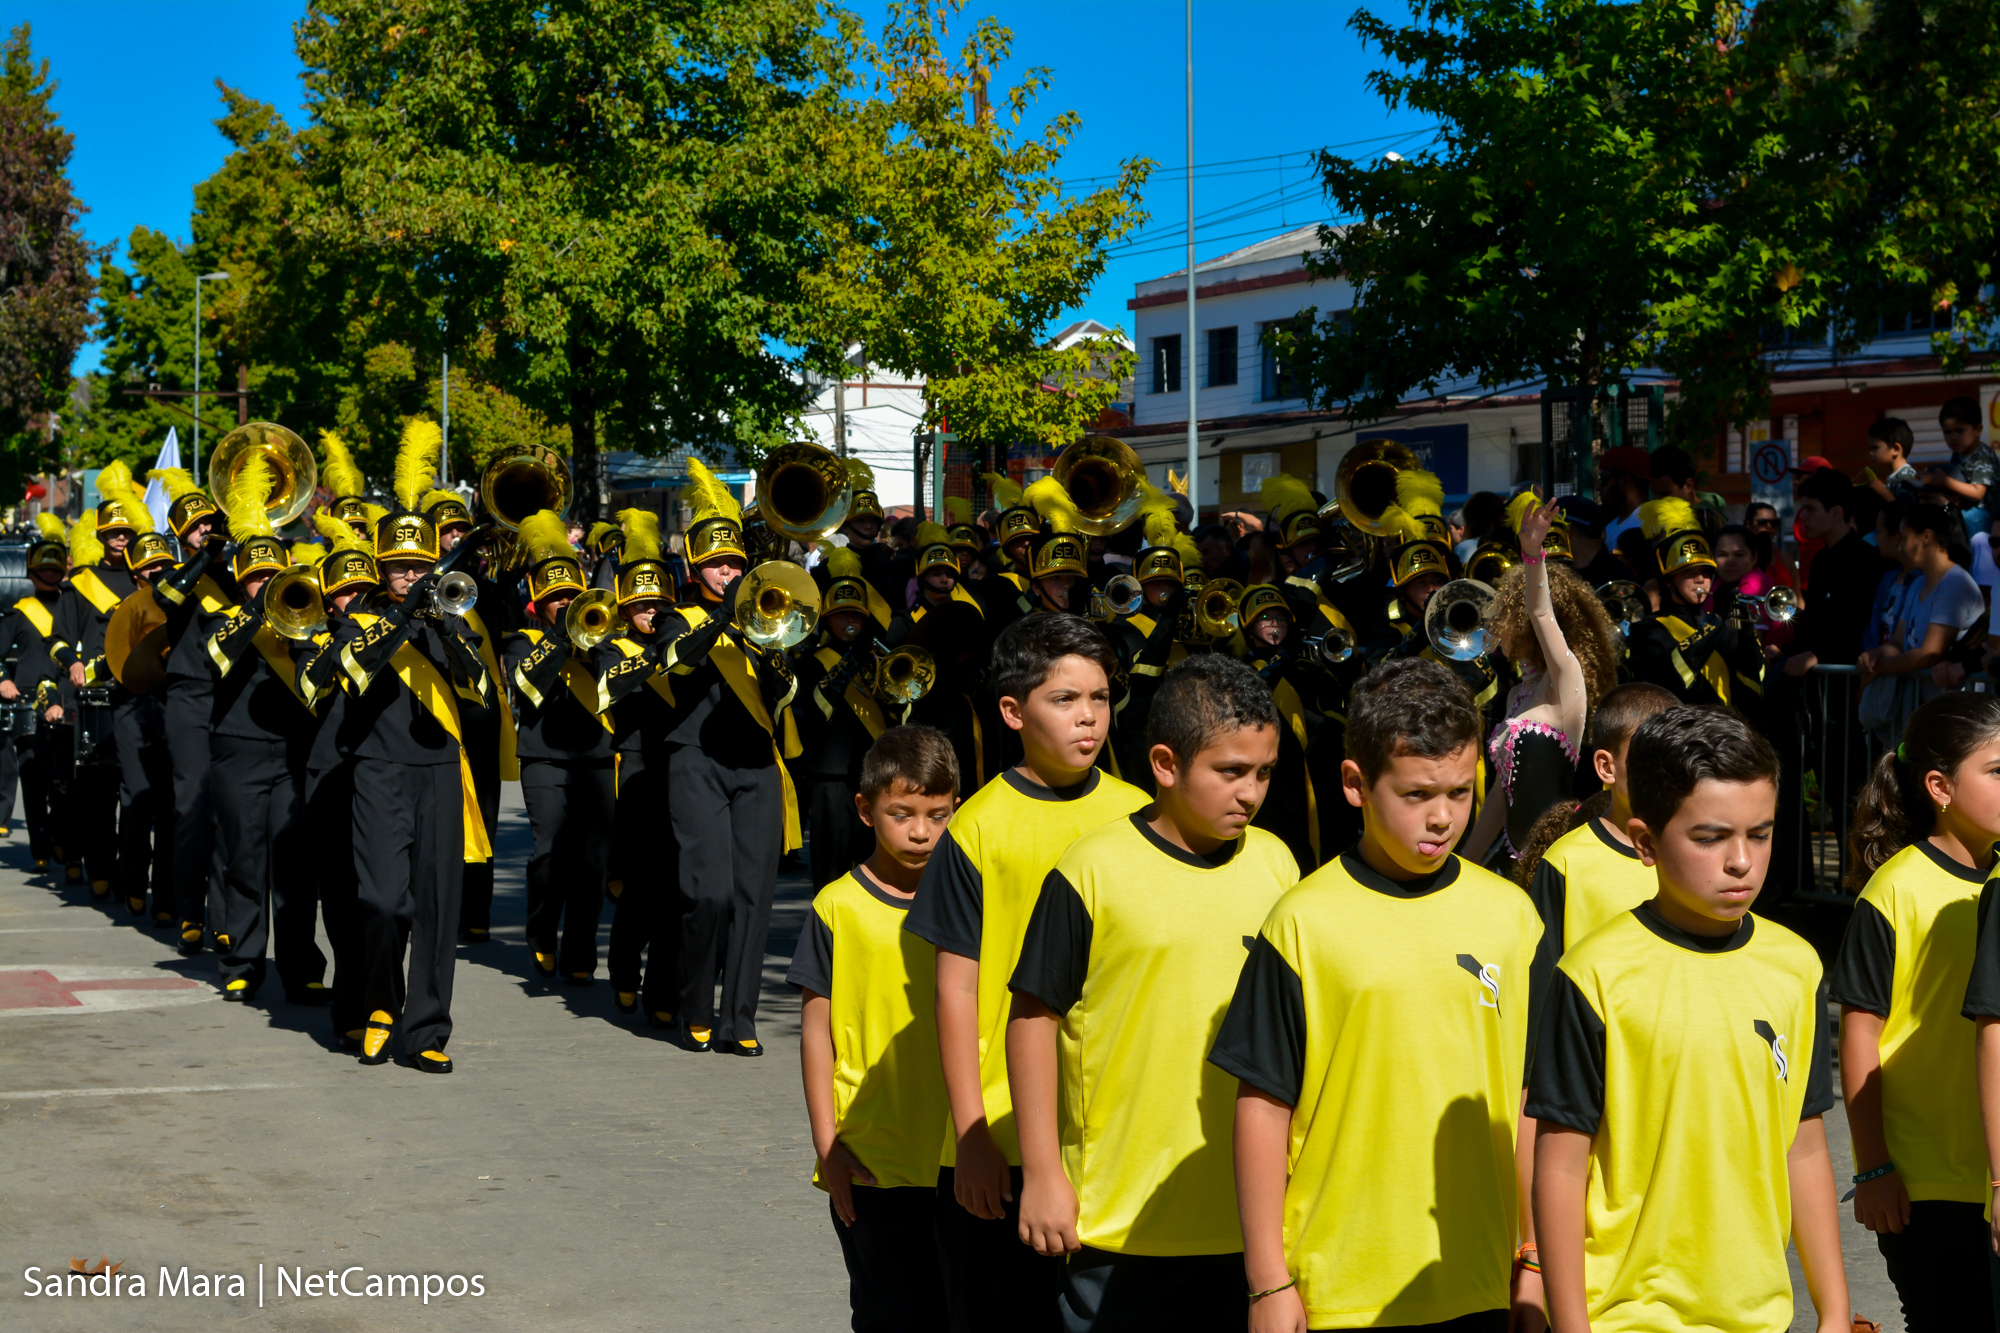 desfile-civico-campos-do-jordao-76